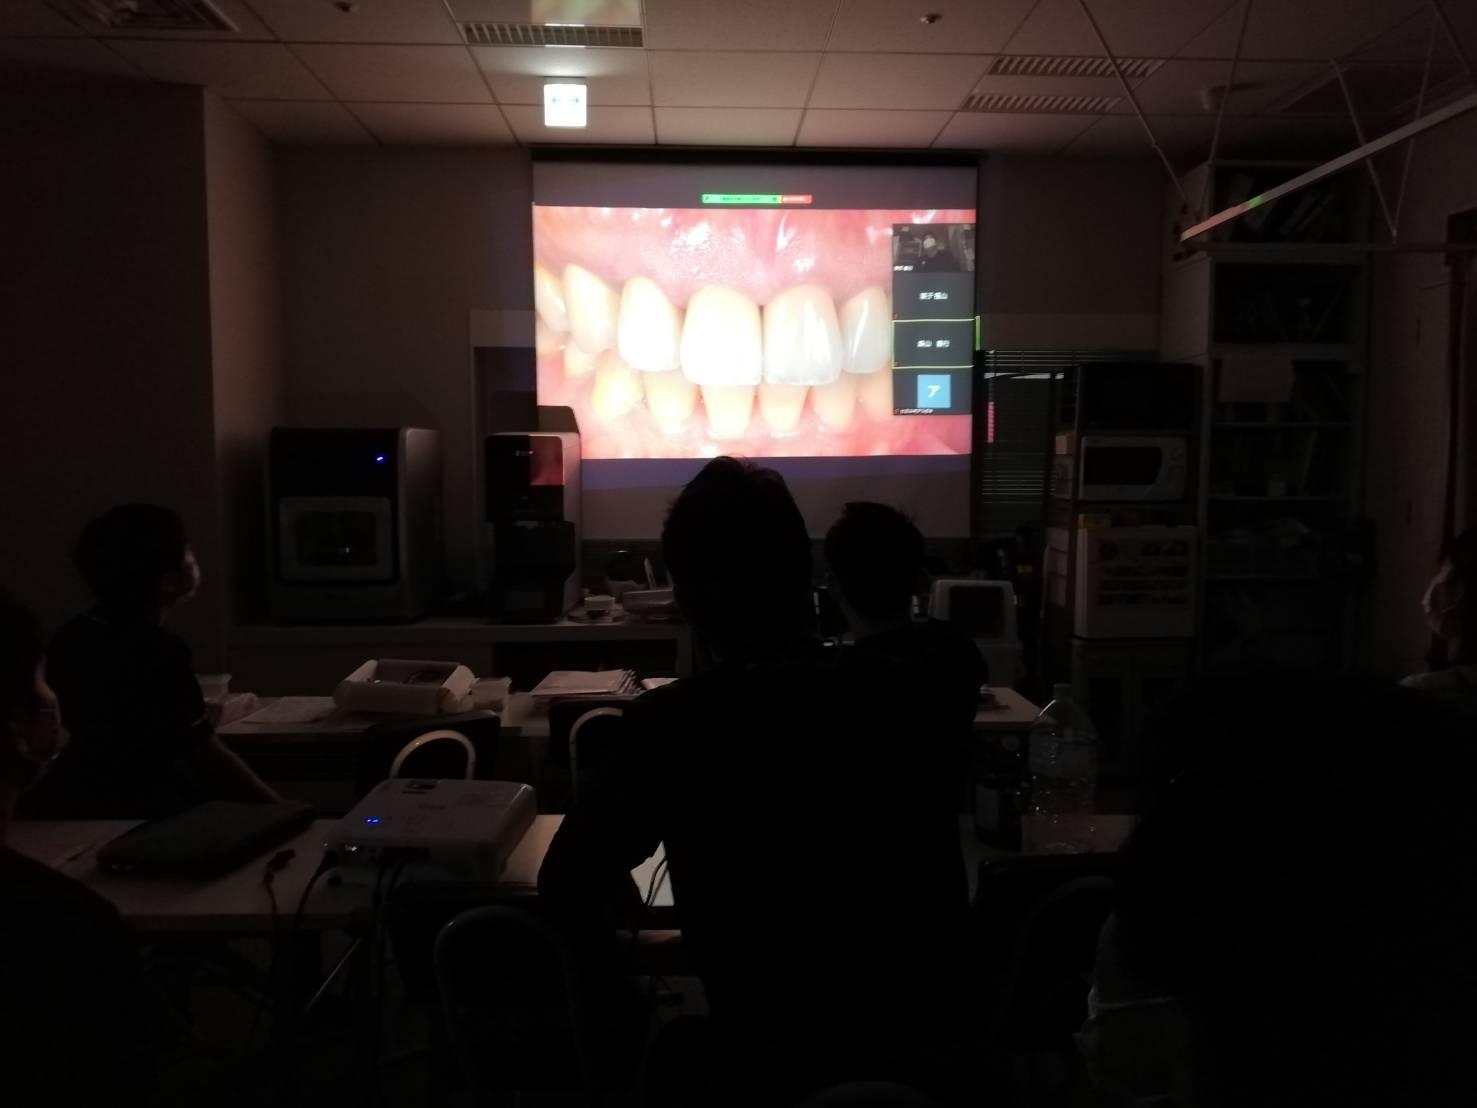 インプラントやセラミックを学ぶ勉強会を開催しました